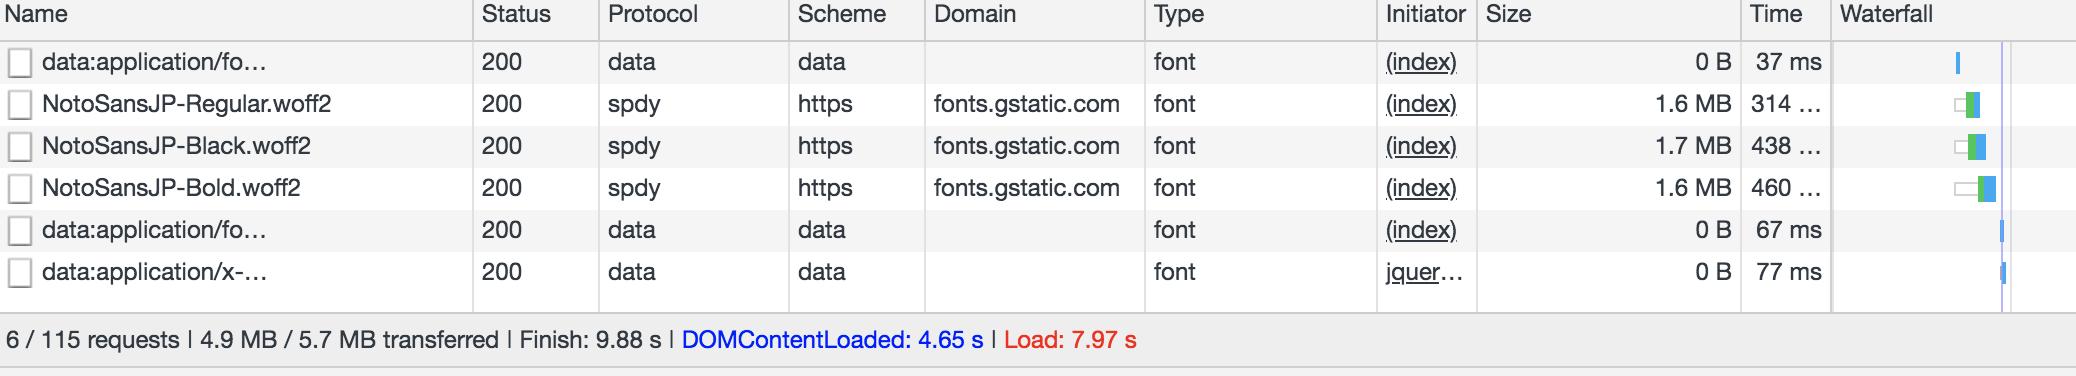 DevToolのネットワークの画面。アーリーアクセスでは、レギュラー1.6MB、ブラック1.7MB、ボールド1.6MB。